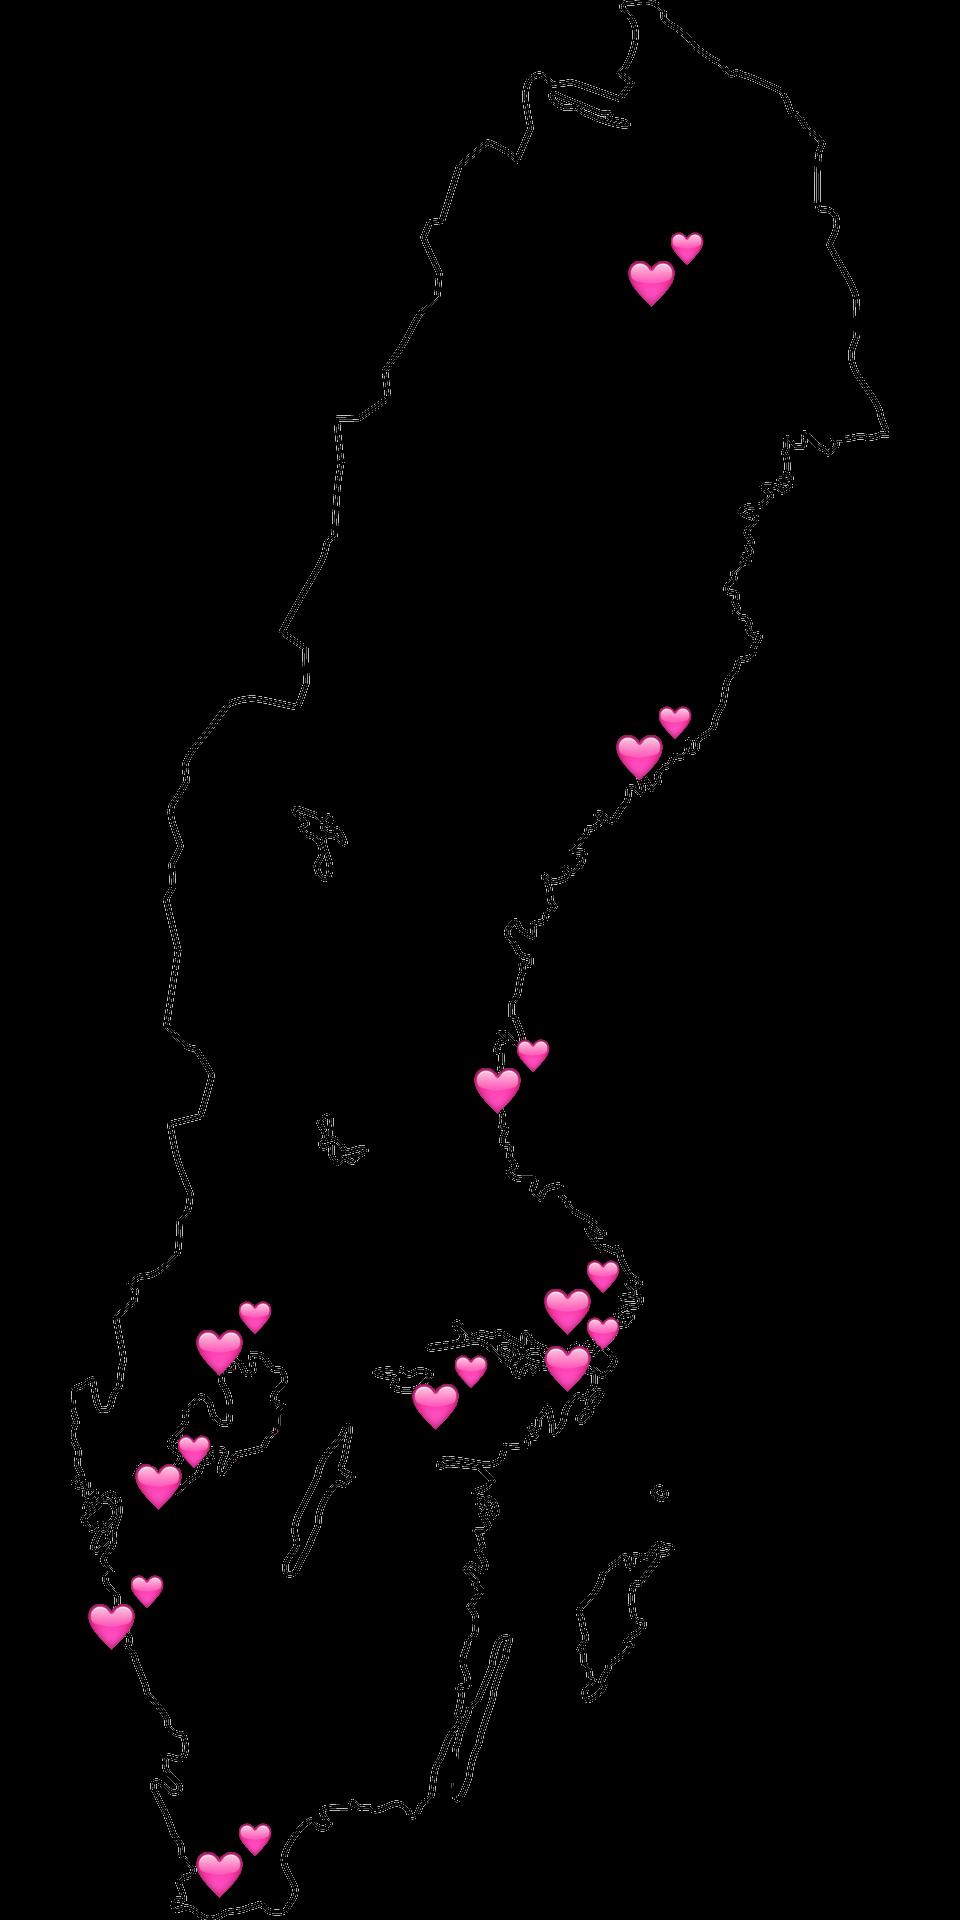 Sverigekarta med RBUF-grupper